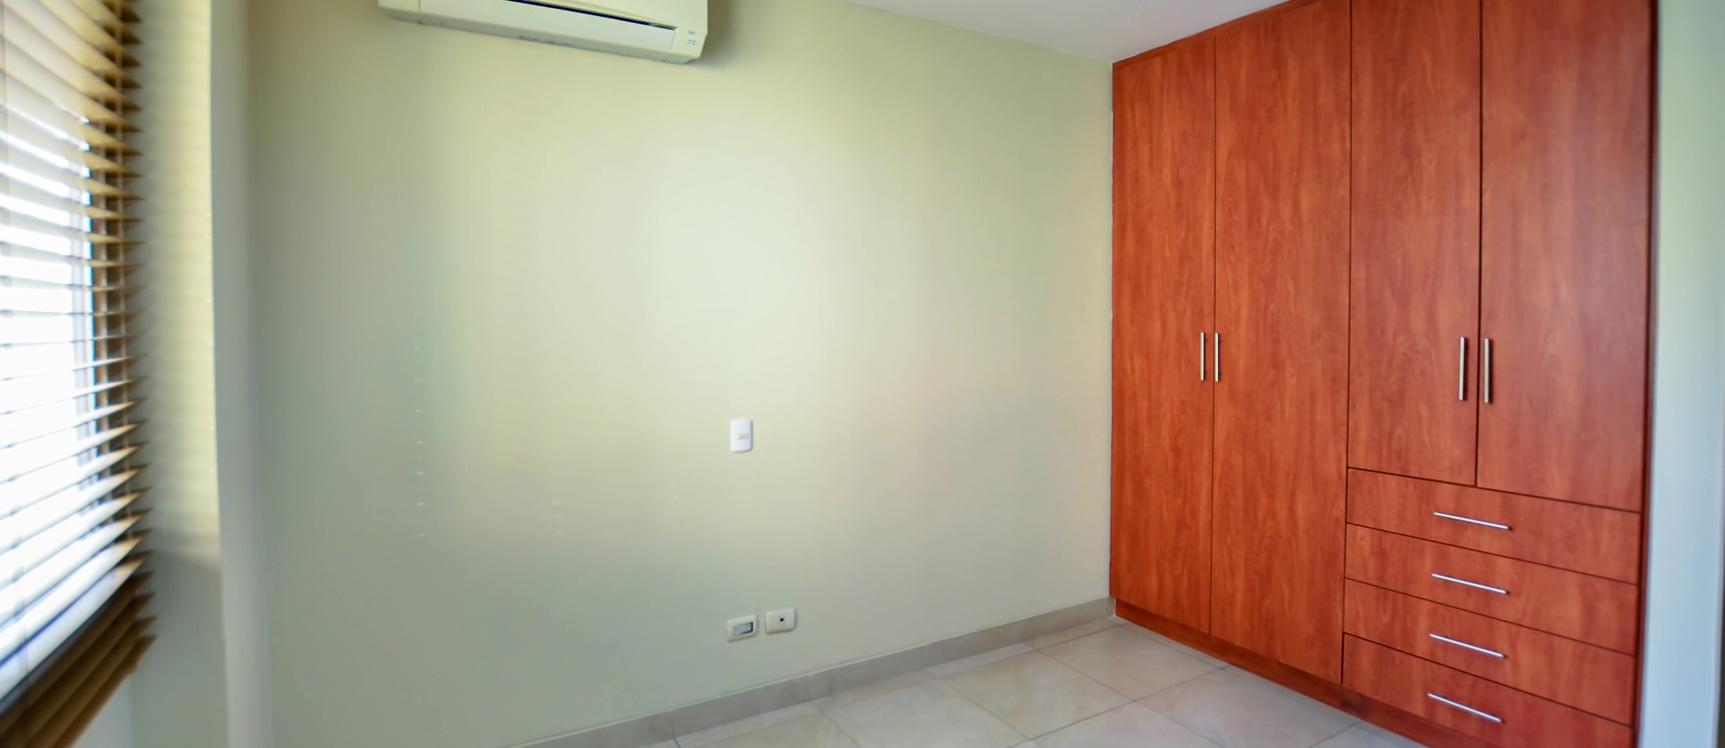 GeoBienes - Departamento en alquiler en Torres del Río sector Samborondón - Plusvalia Guayaquil Casas de venta y alquiler Inmobiliaria Ecuador